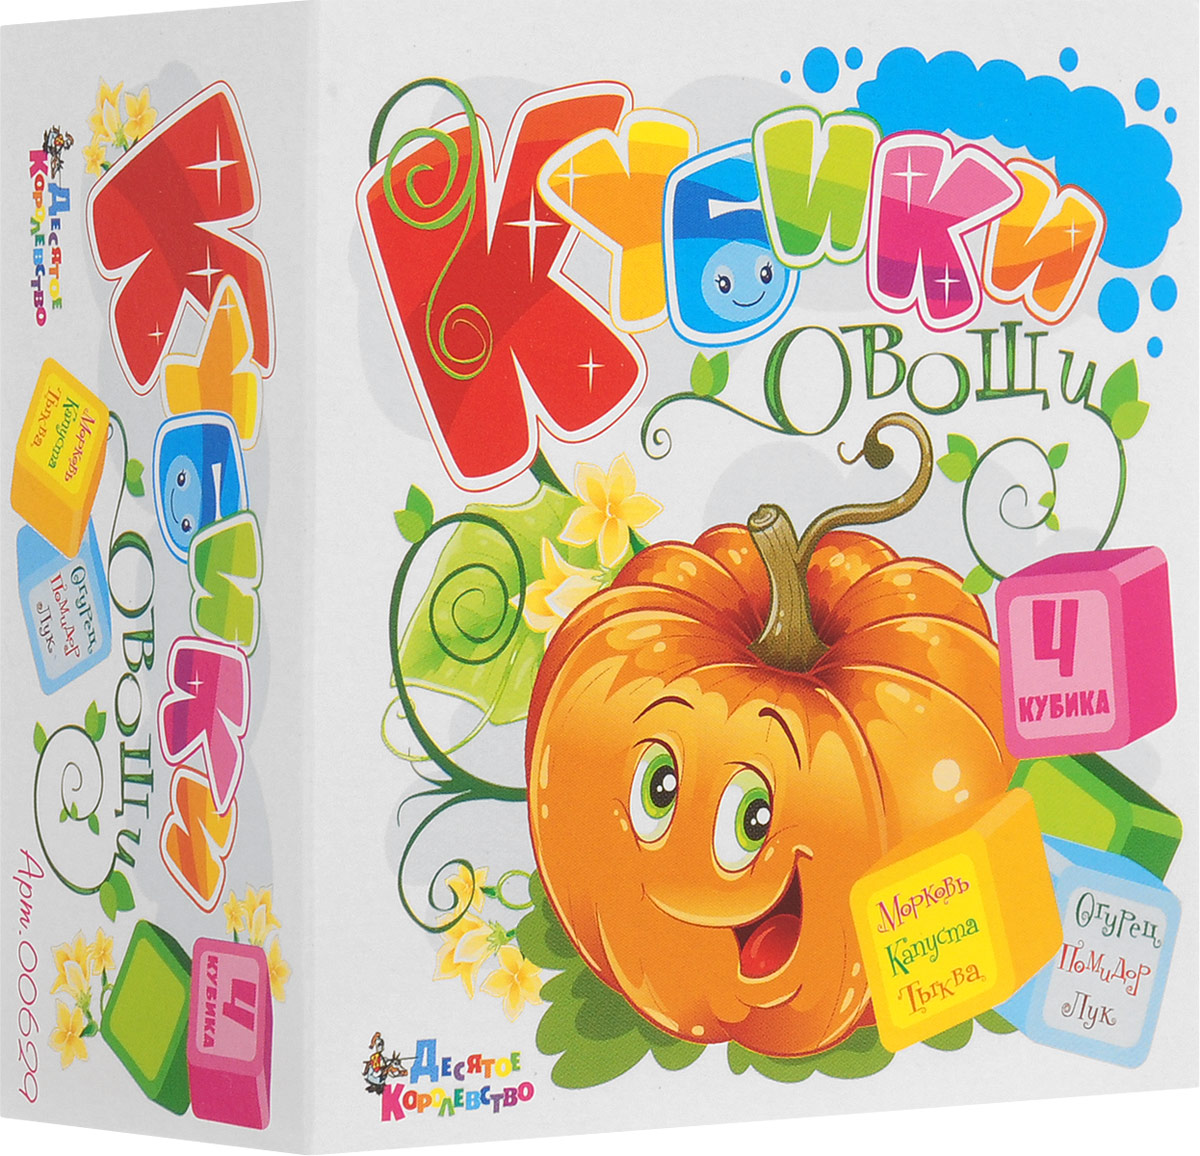 Десятое королевство Кубики Овощи, Гиновкер и Тишук